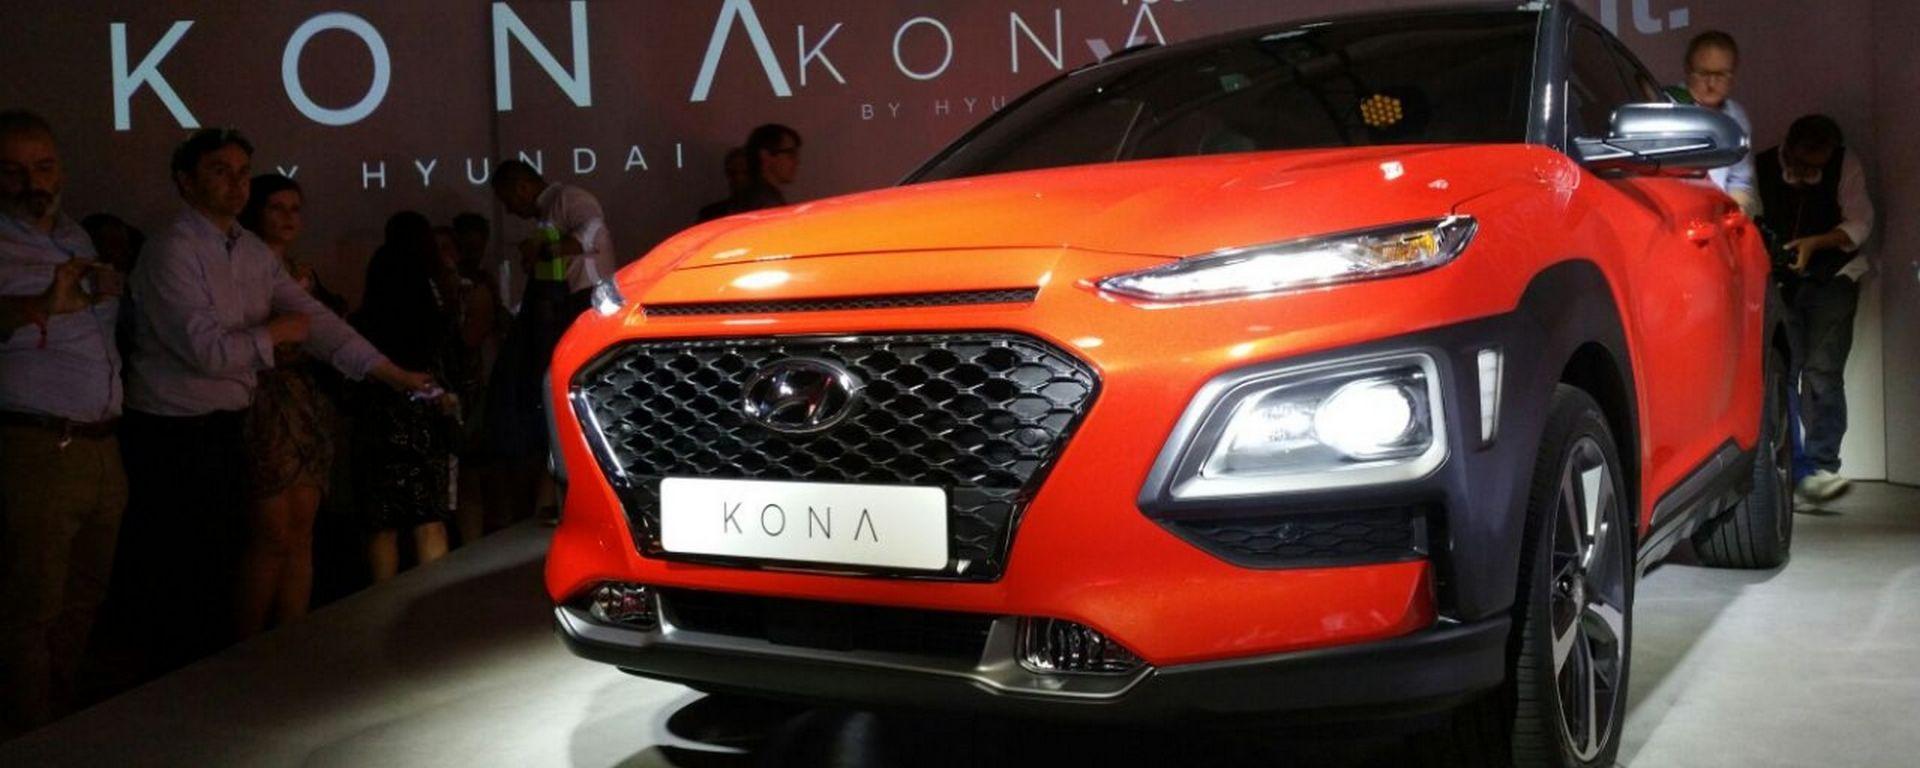 Hyundai Kona: svelata in anteprima nazionale